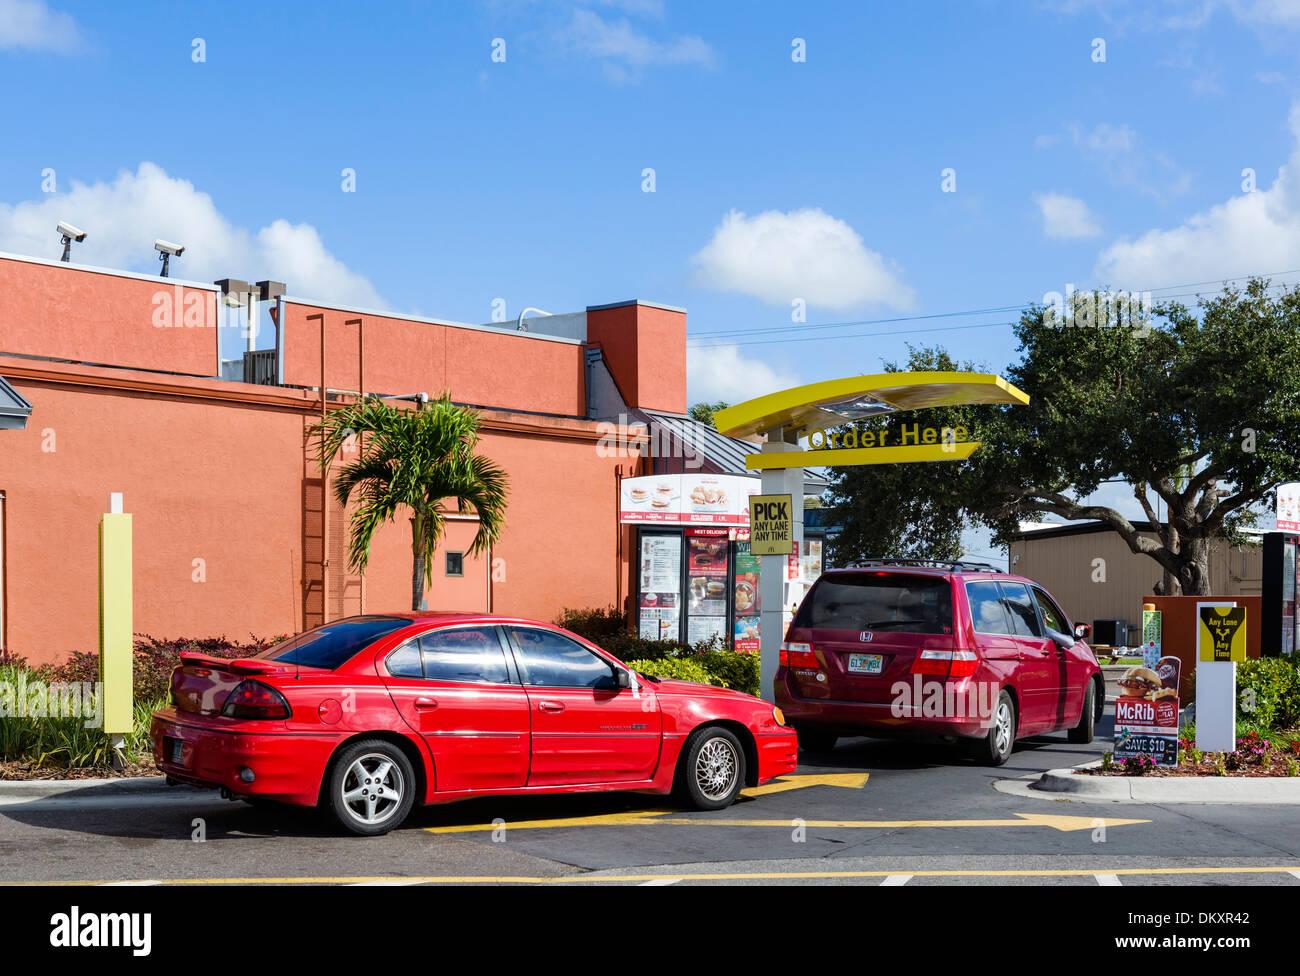 A McDonald's restaurant Drive-thru, Florida, USA - Stock Image